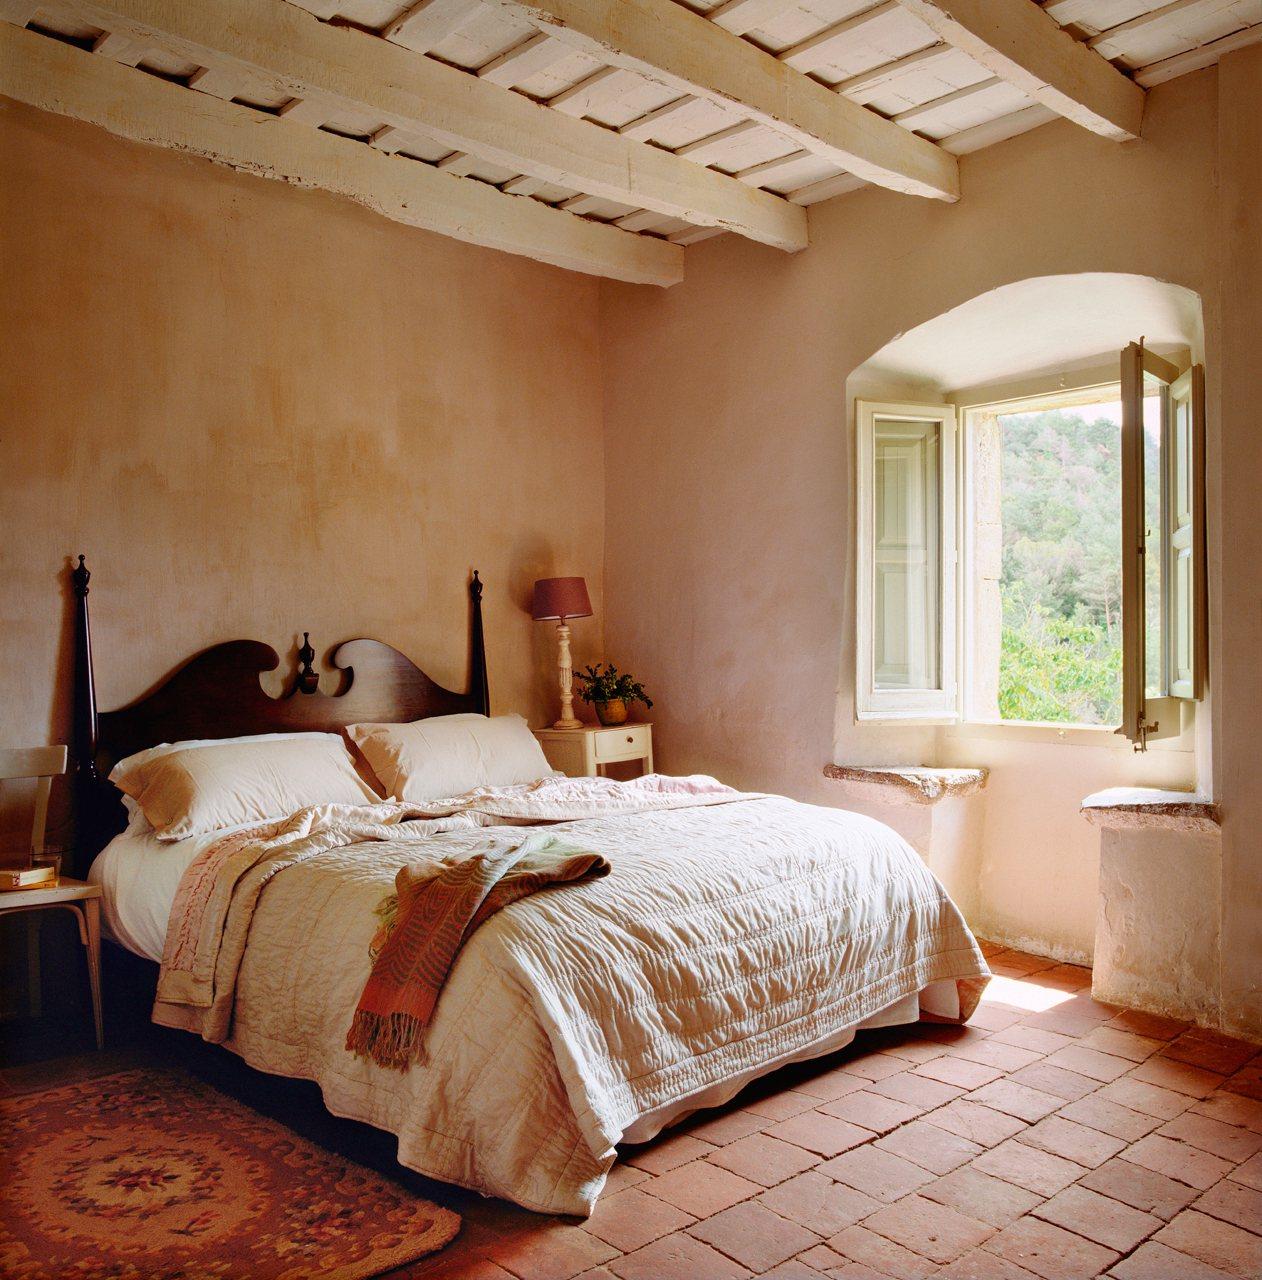 Restauracion de casas antiguas dise os arquitect nicos for Alcampo muebles dormitorio